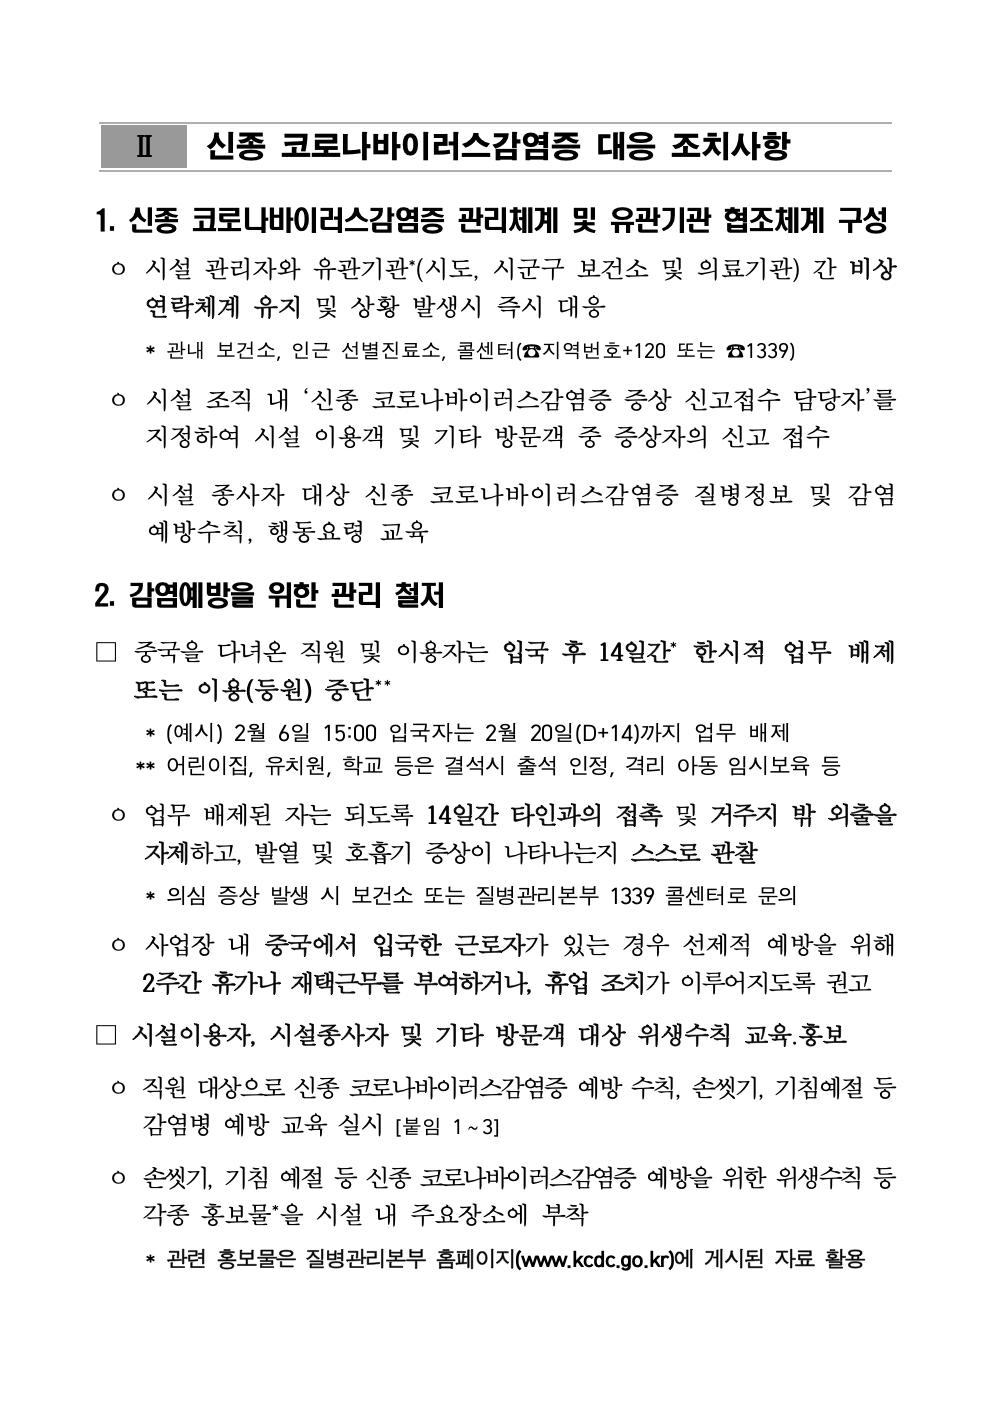 춘교 20-016호 「코로나 바이러스 감염증-19」의 확진자 급증에 따른 권고사항006.jpg